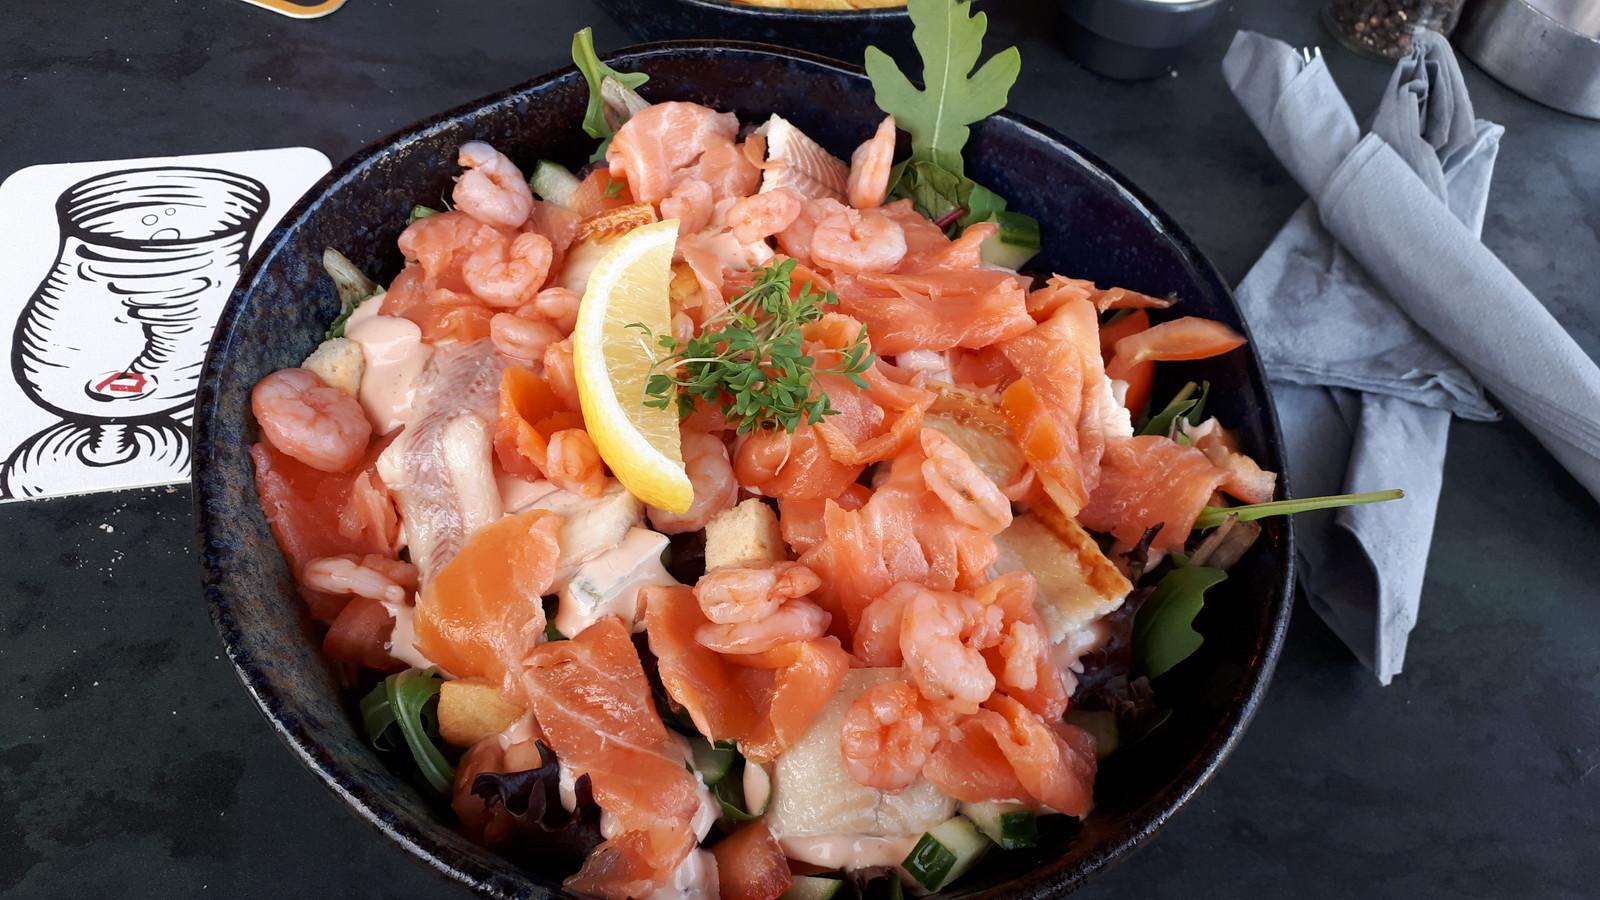 Salade met Noorse garnalen, zalm en paling, geserveerd met stokbrood en boter. Ik bestelde hem als voorgerecht, maar krijg de royale variant (hoofdgerecht), voor 15,95 euro.